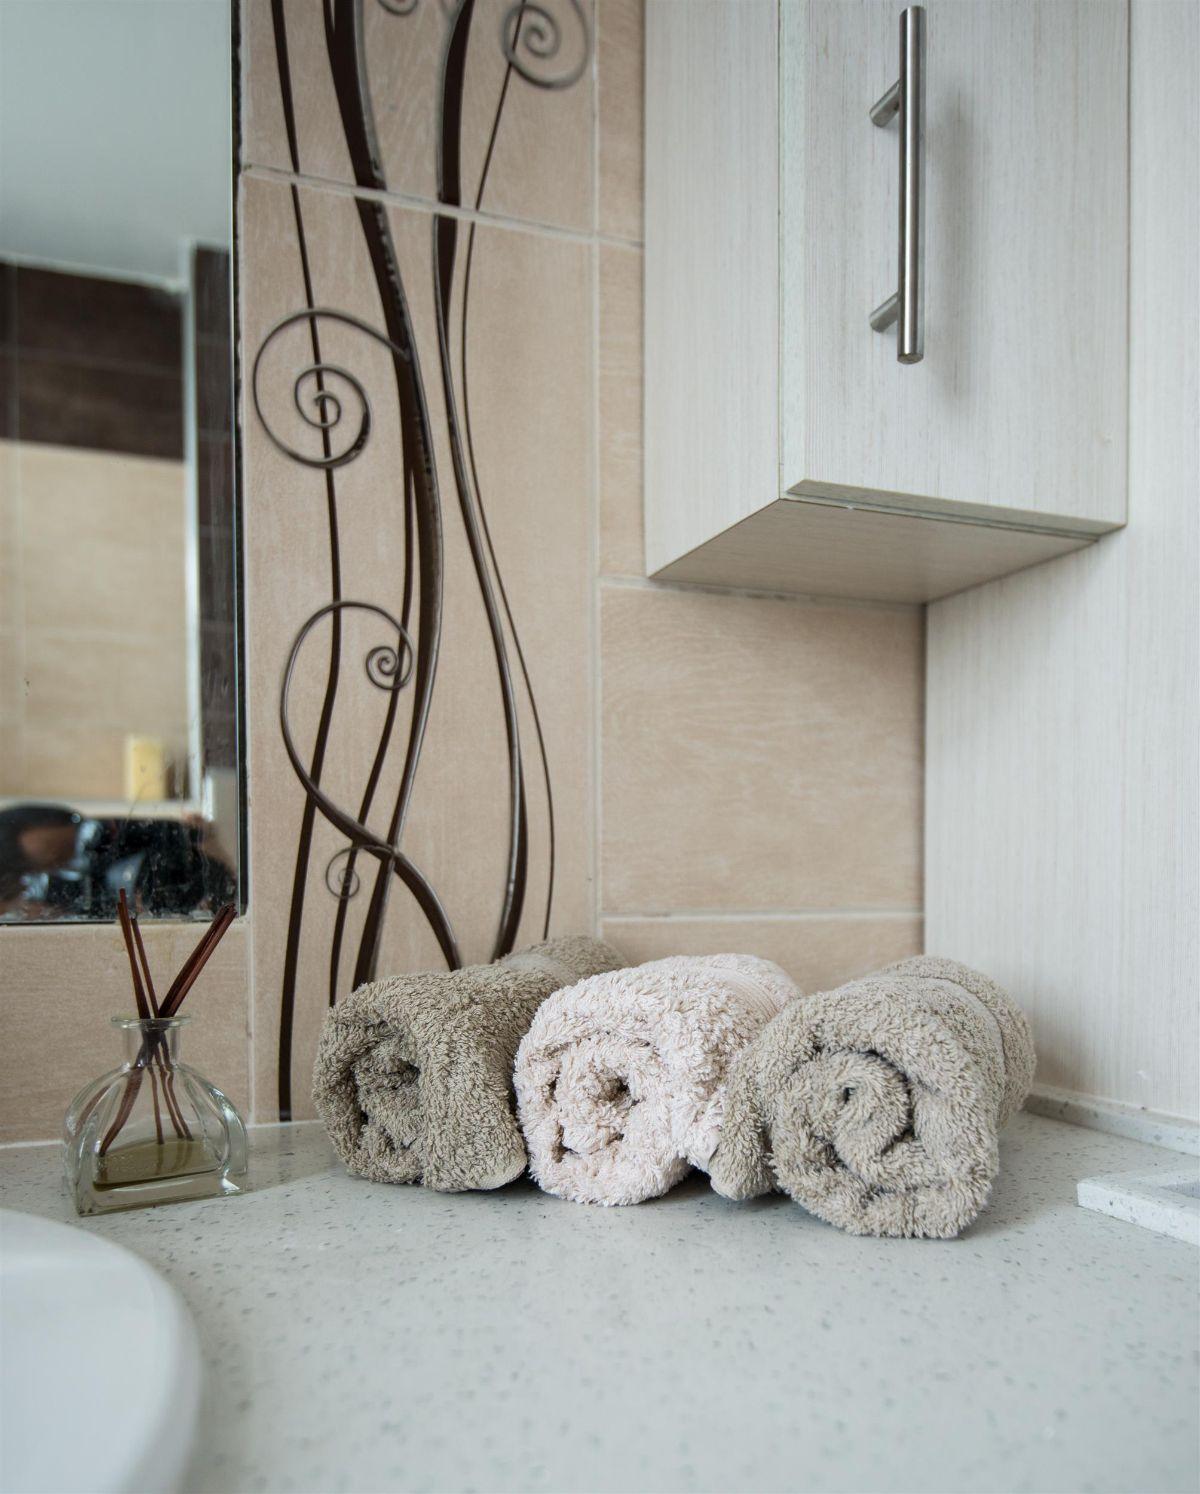 עיצוב פנים חדר אמבטיה   אדריכלות ריהוט לאמבטיה - ריהוט לאמבטיה